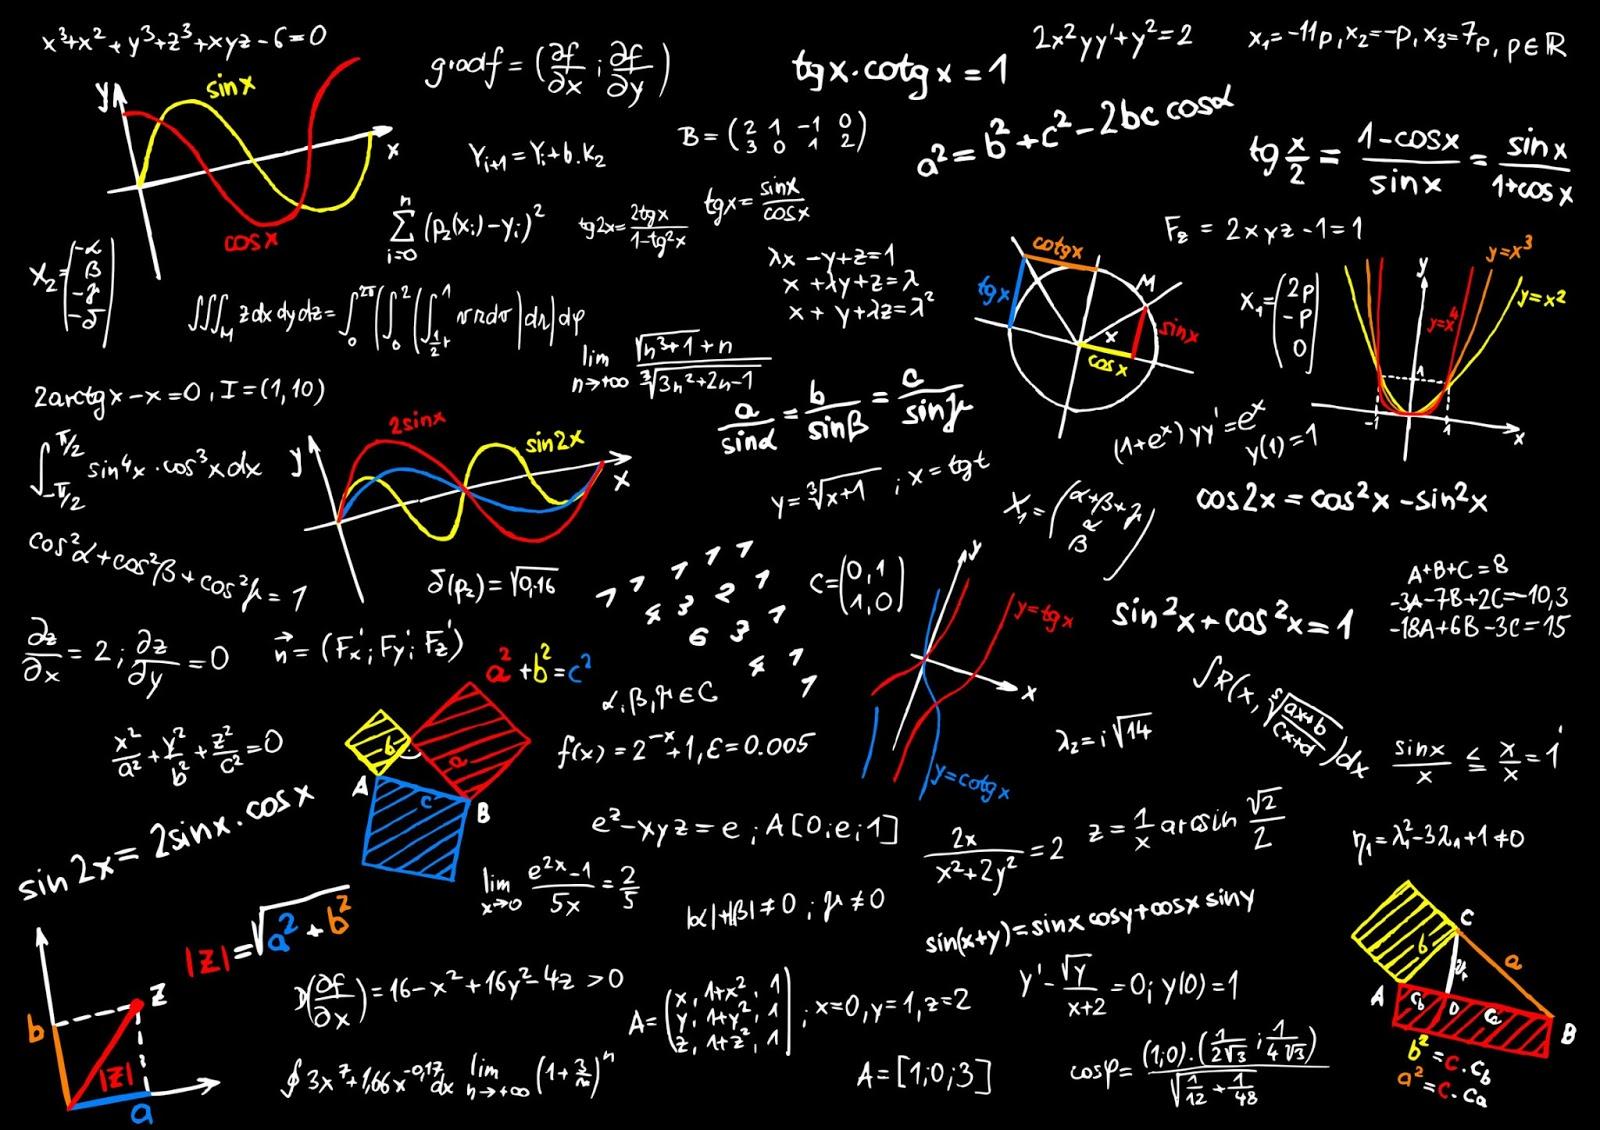 Rumus Matematika Kehidupan - Copy Paste Artikel Menarik